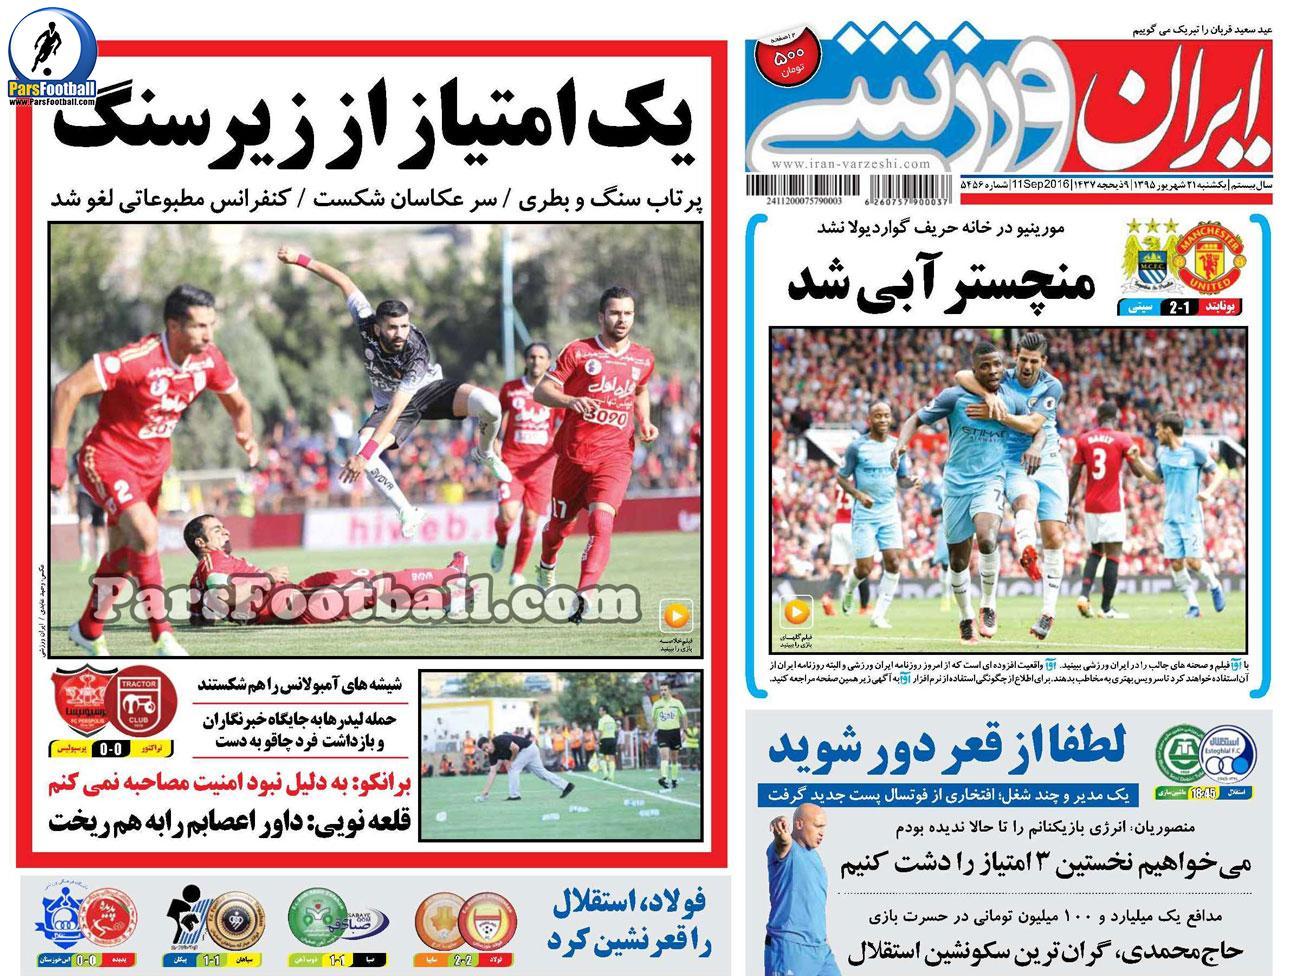 روزنامه ایران ورزشی یکشنبه 21 شهریور 95